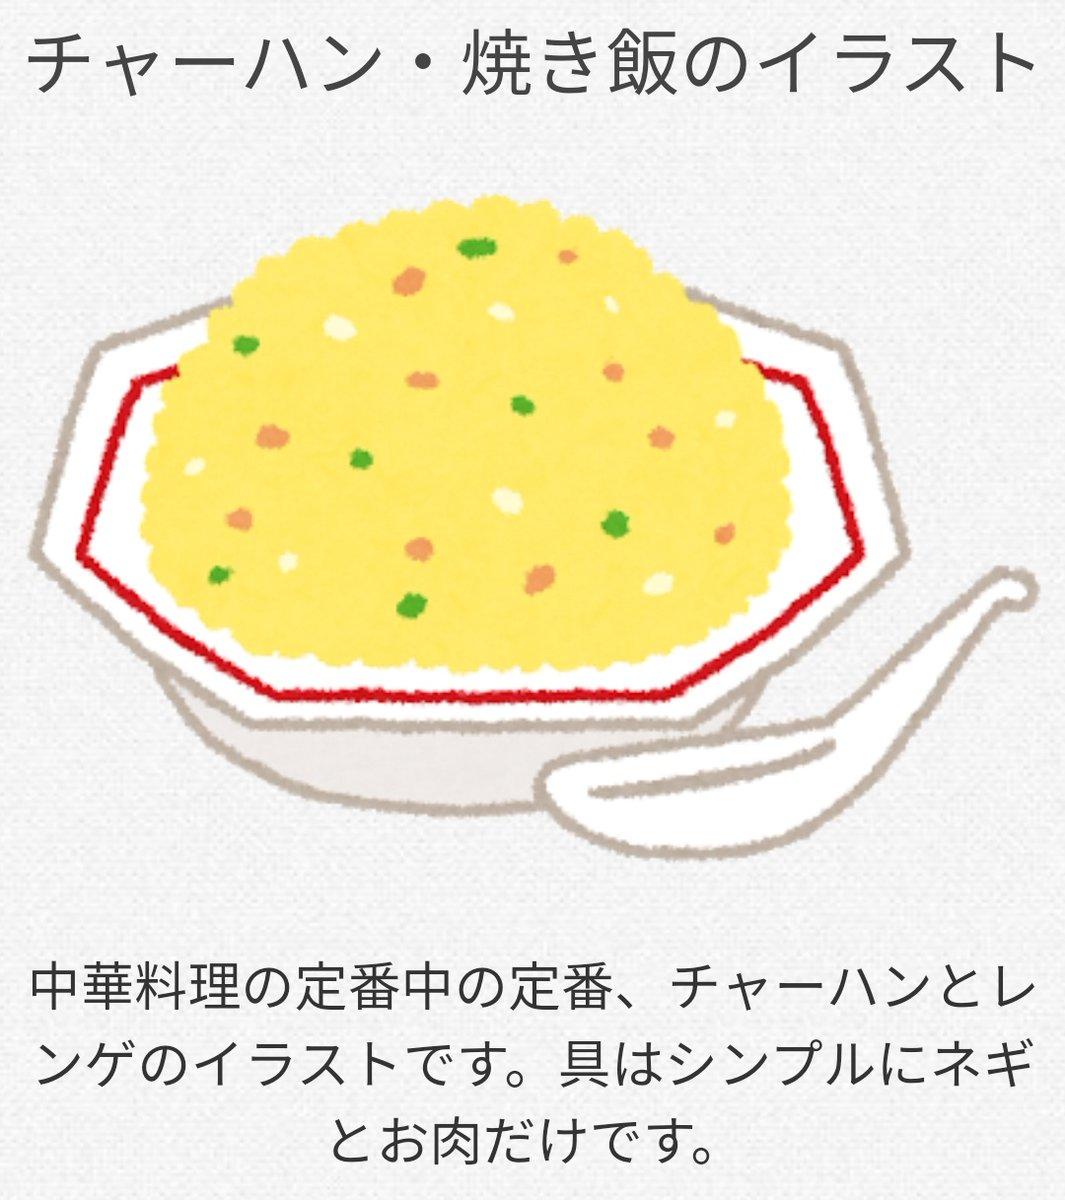 チャーハン・焼き飯のイラスト|いらすとや ネギ入りチャーハンというピンポイントな品なら